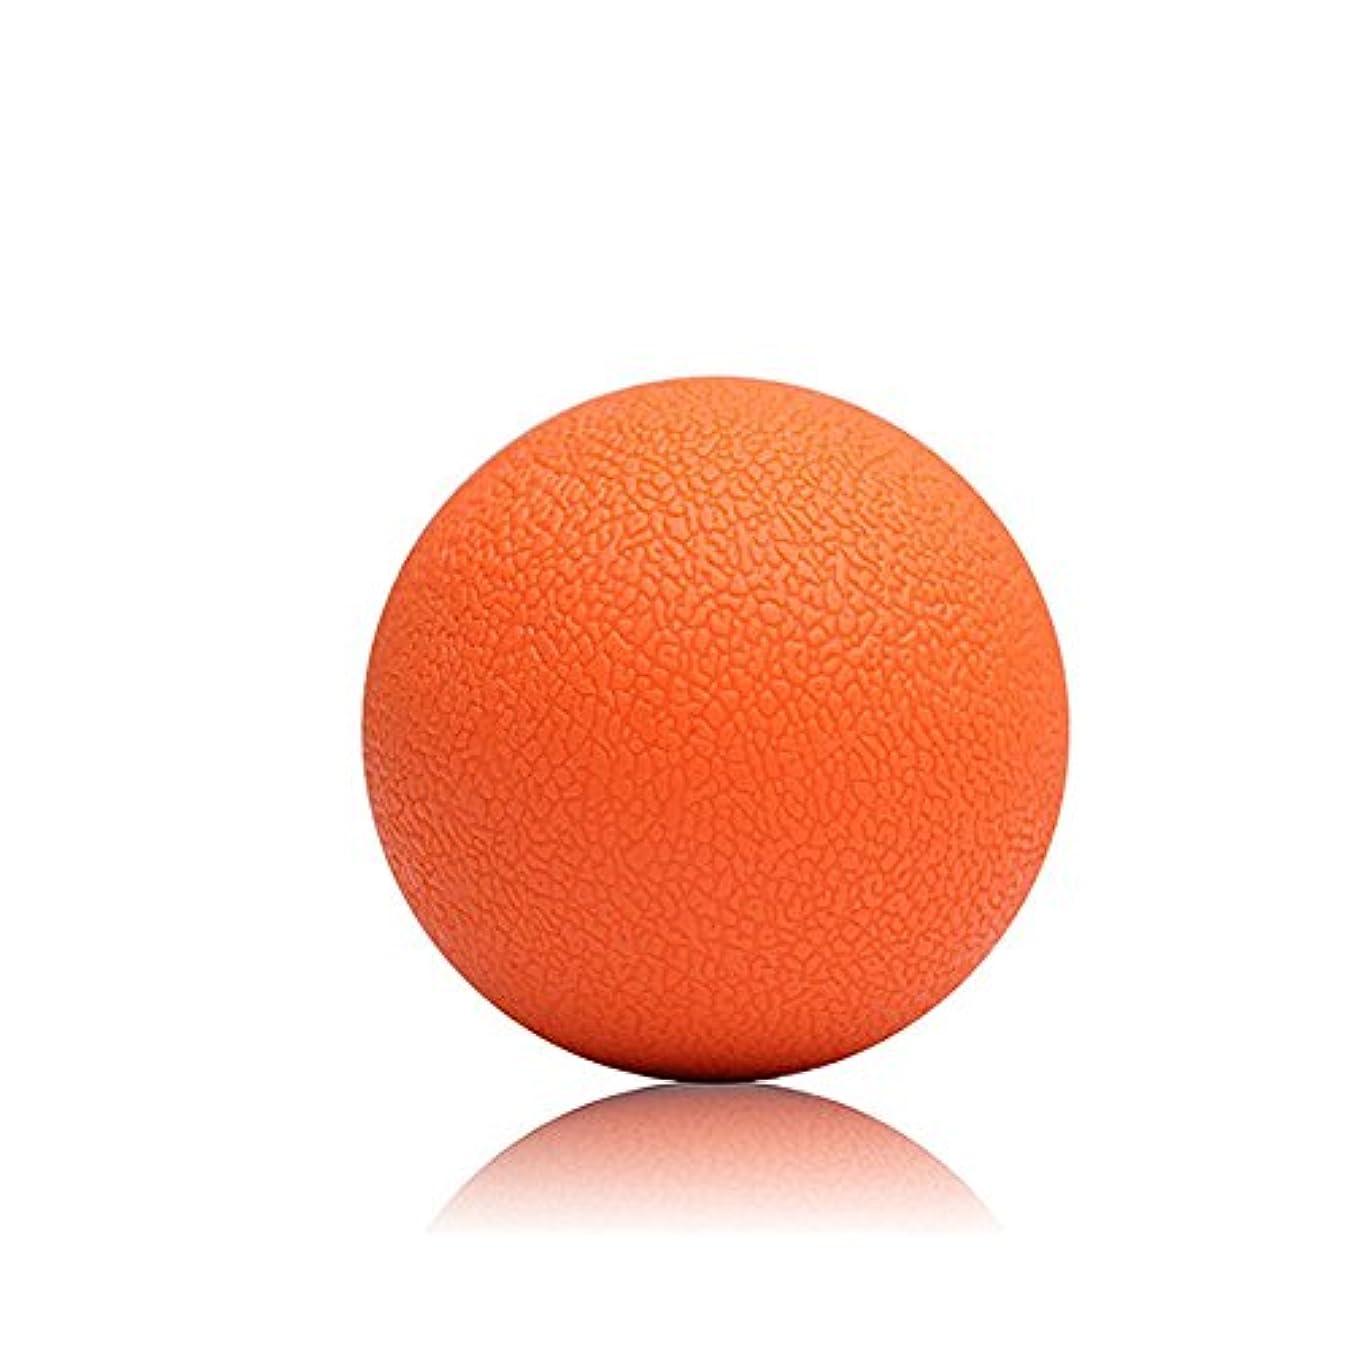 十分ですお茶辛なマッサージボール 筋膜リリース 指圧ボール 足裏 ふくらはぎ ツボ押しグッズ 健康グッズ